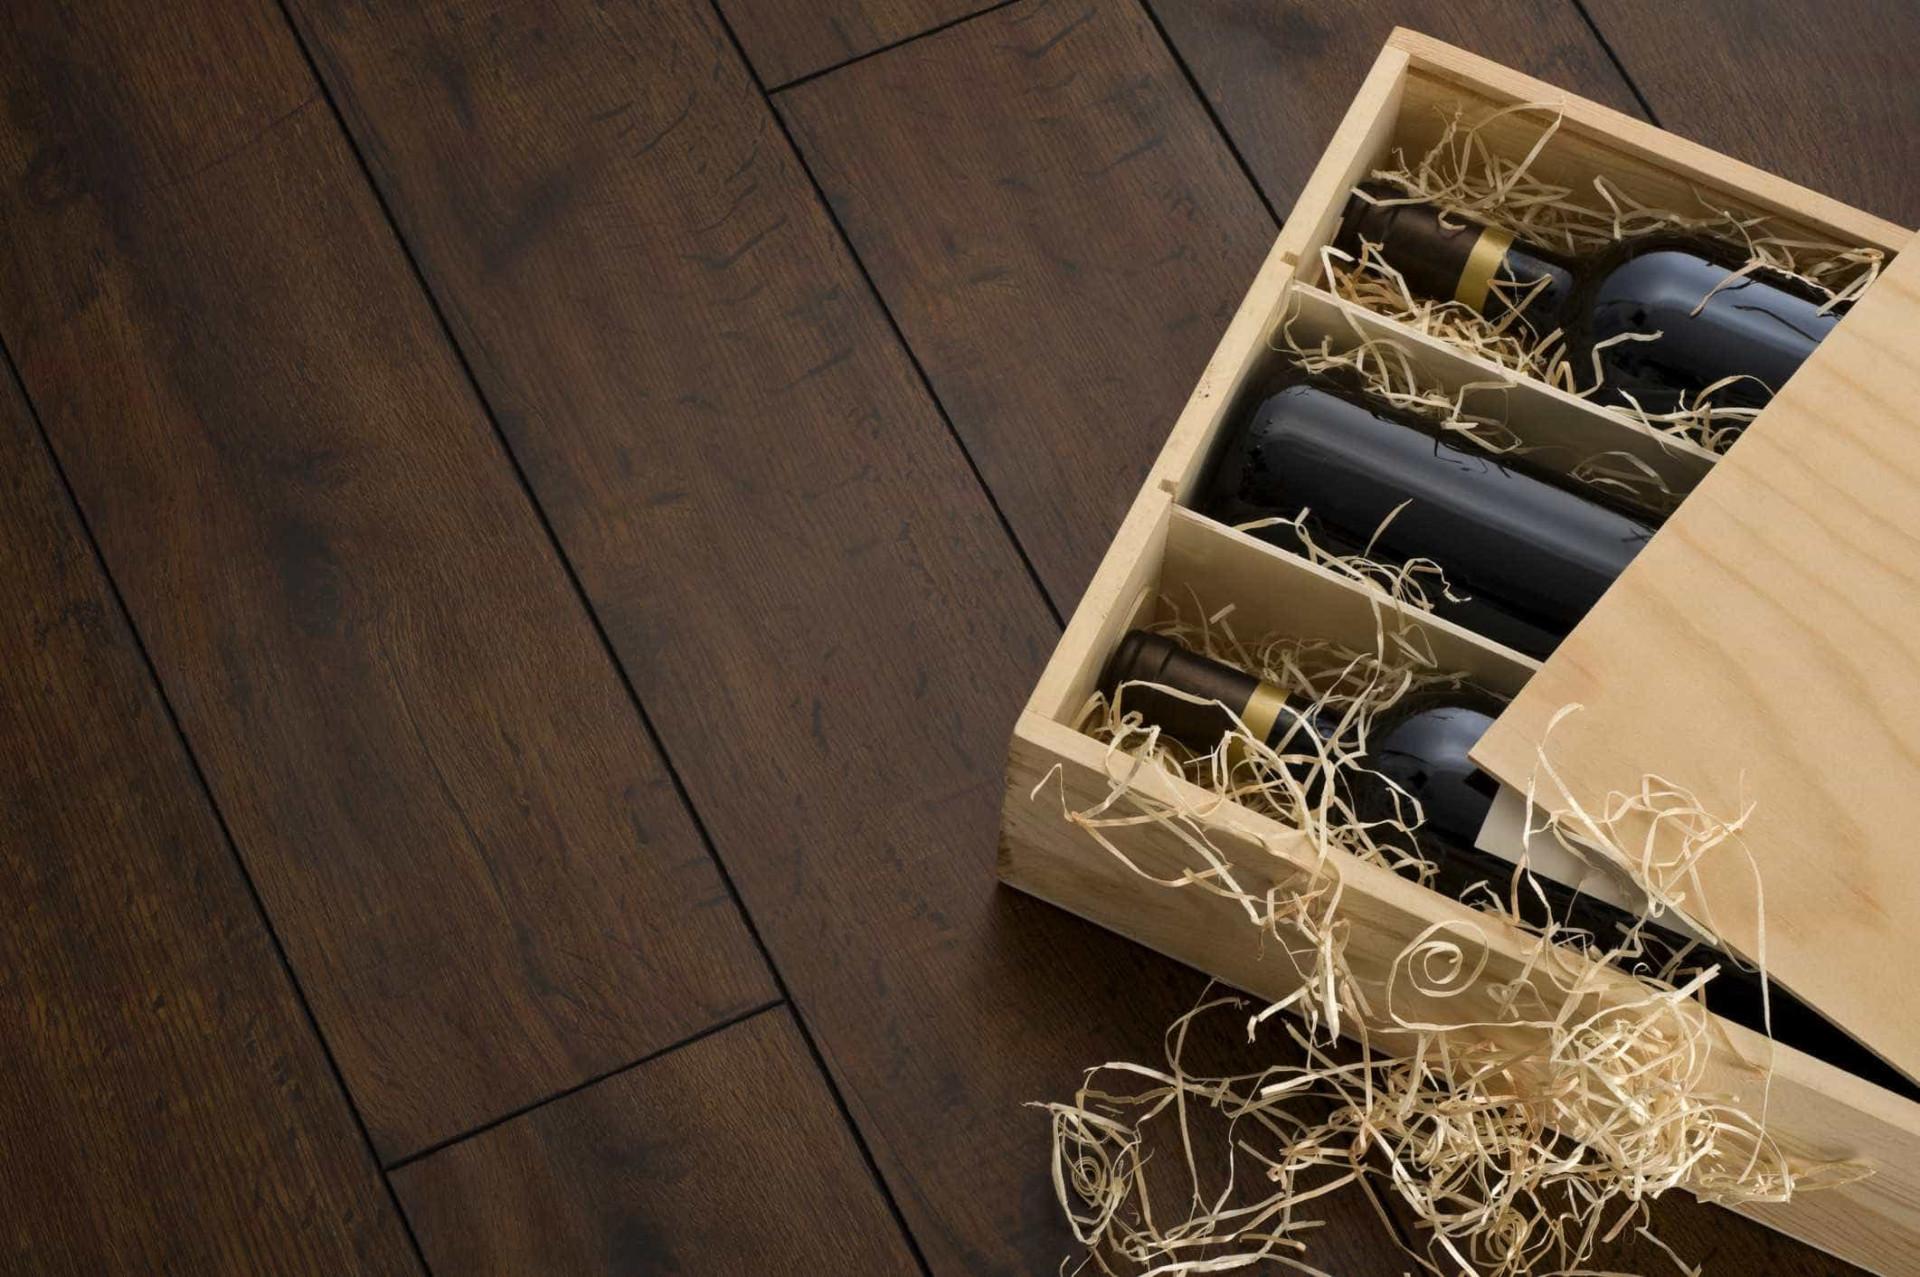 Descubra algumas formas criativas de reutilizar objetos em casa